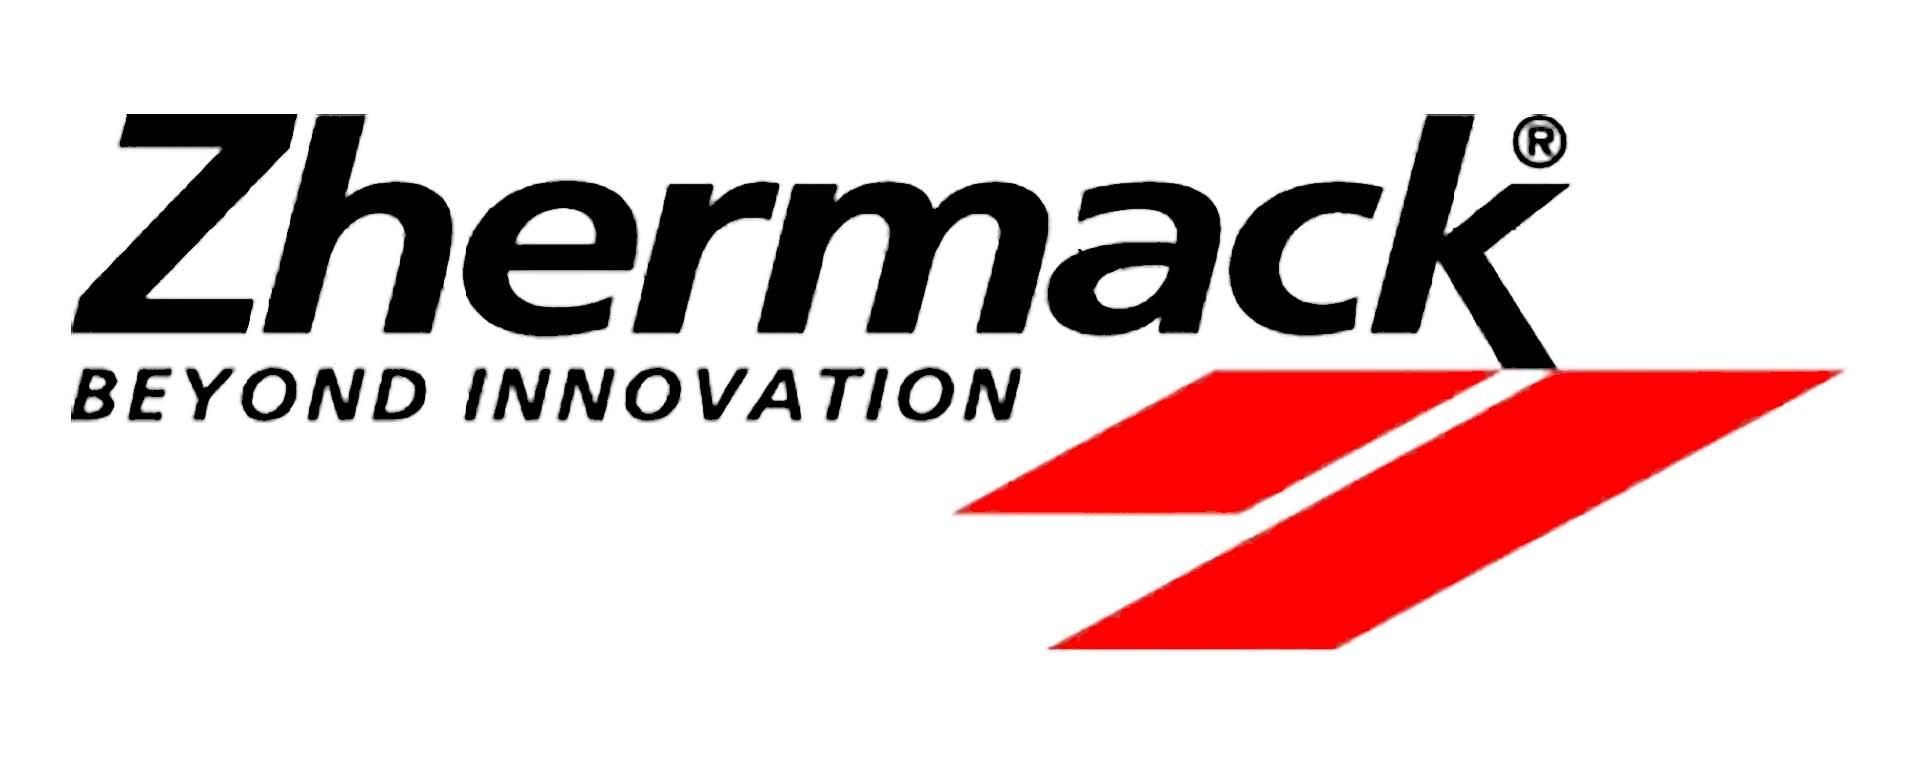 hoover zhermack logo 768x1920